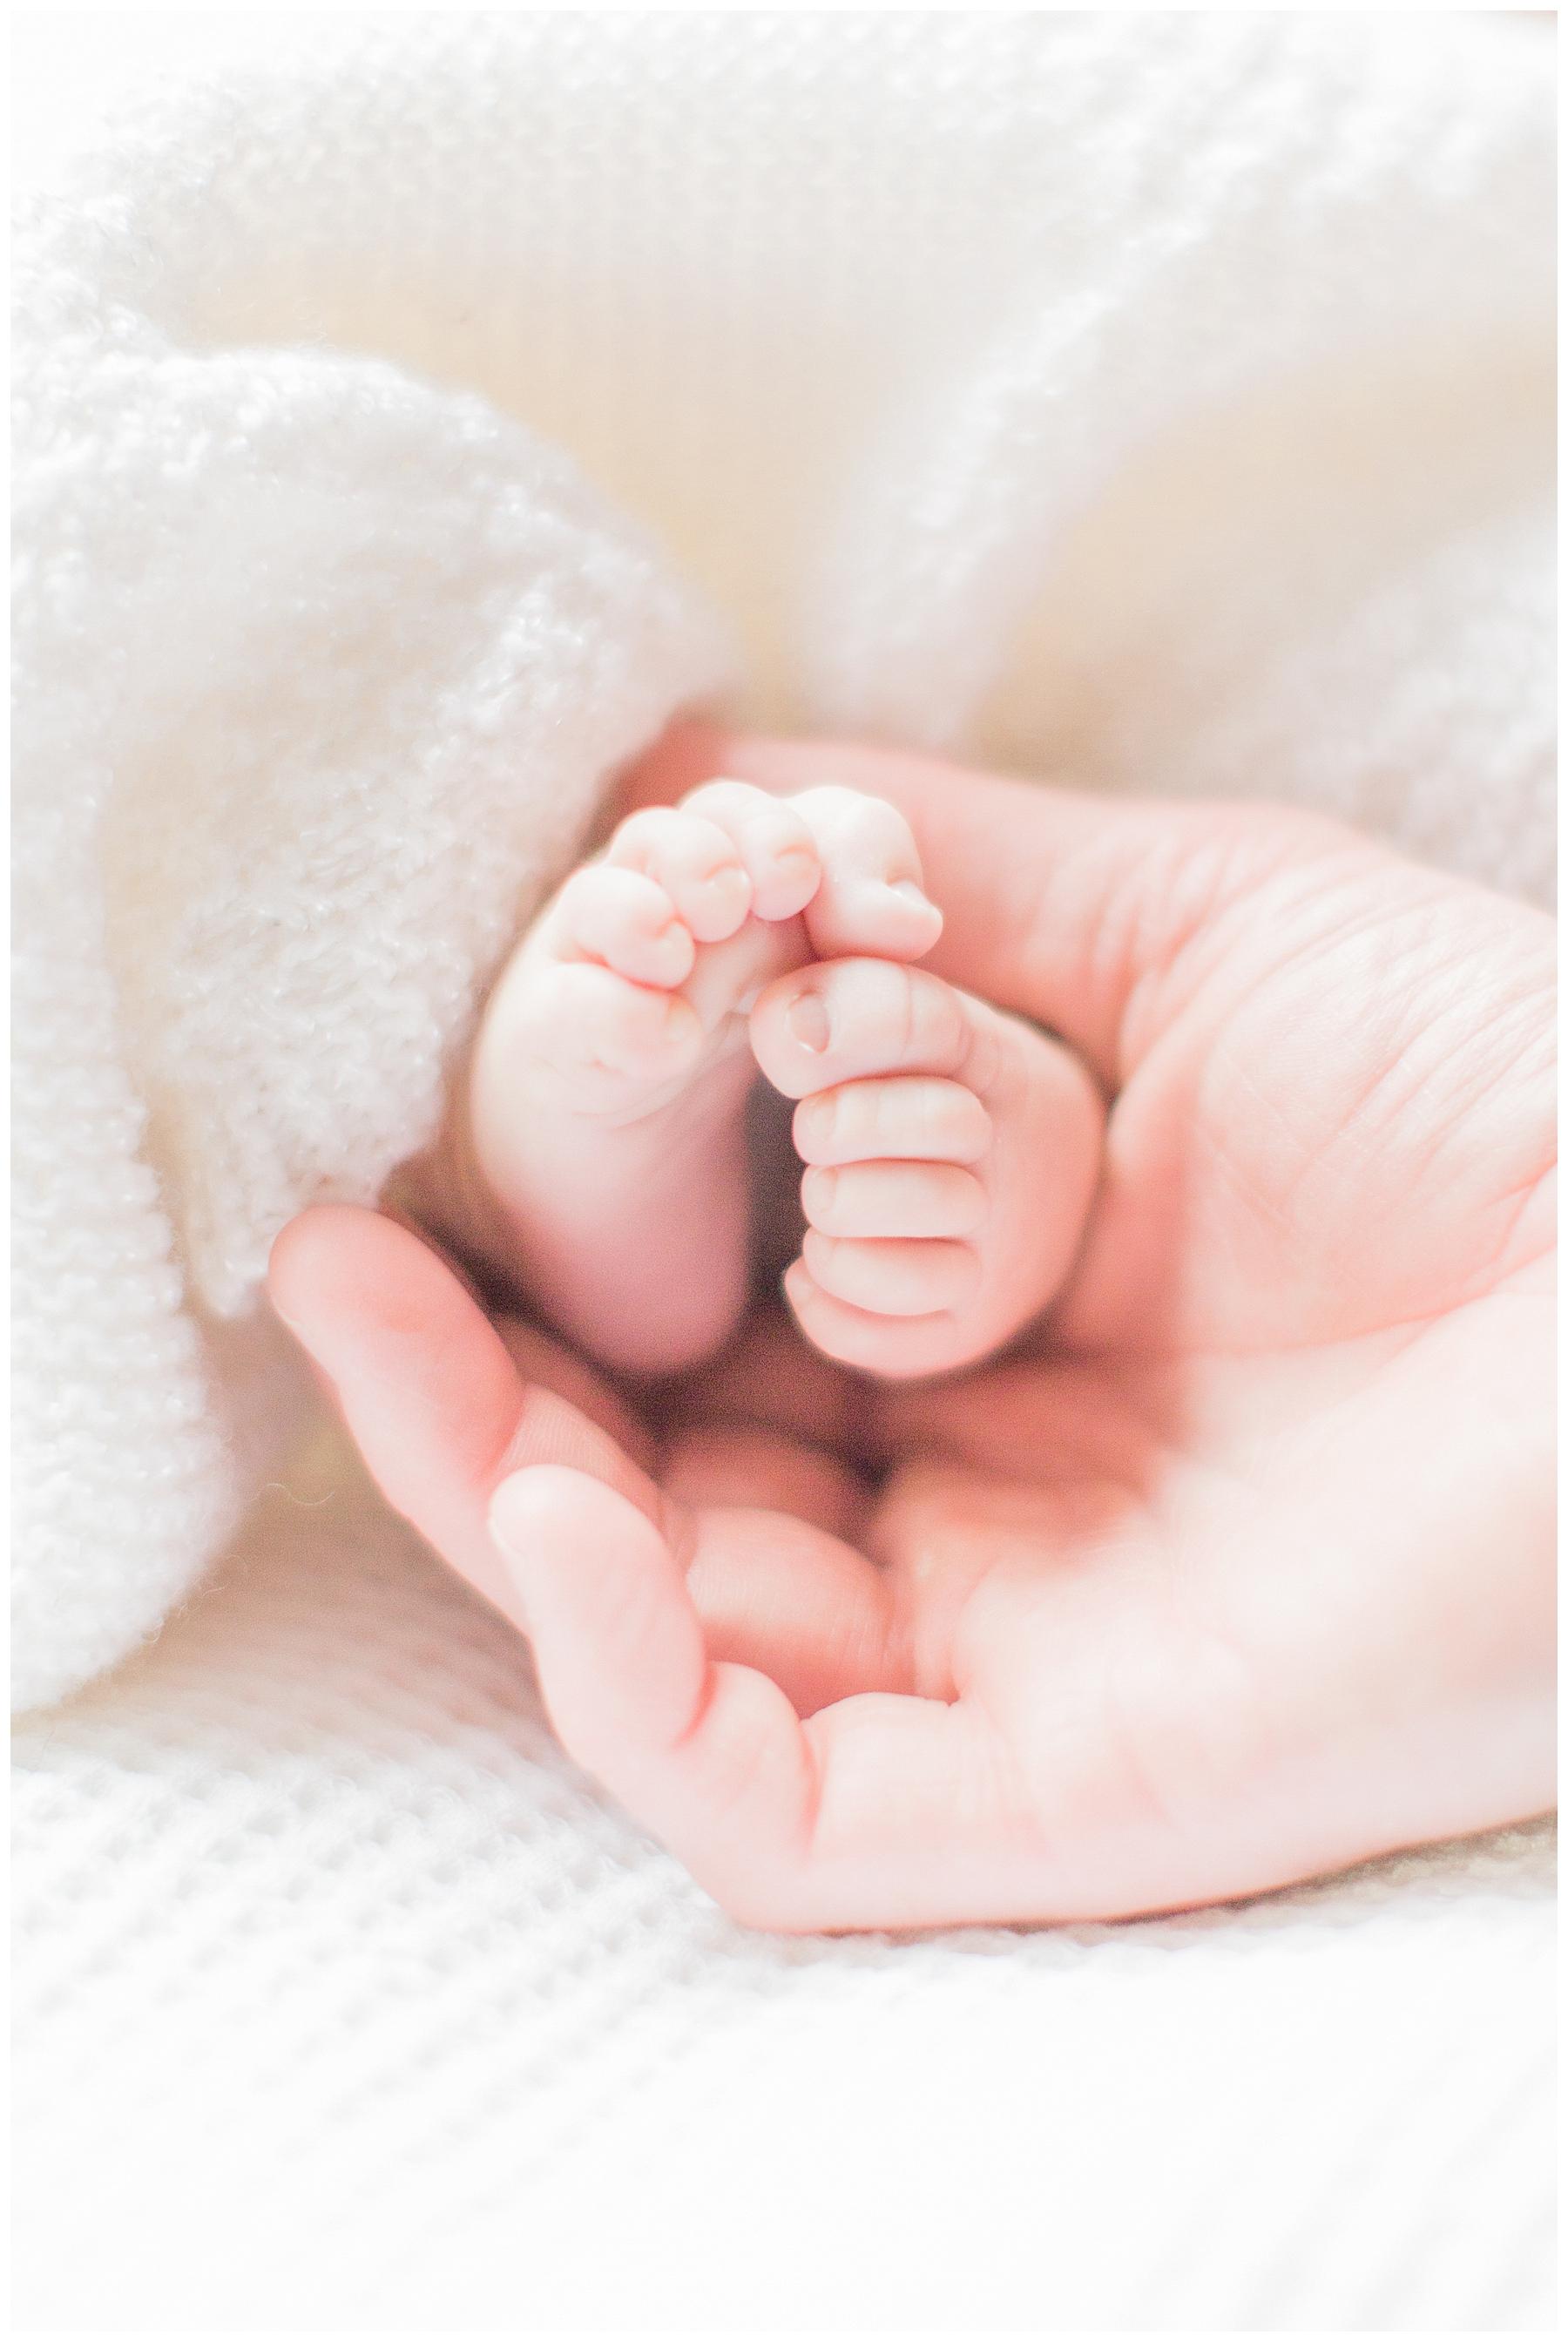 Marie-Alice G-Photographe valognes cherbourg manche normandie - photographe nouveau ne bebe famille_0039